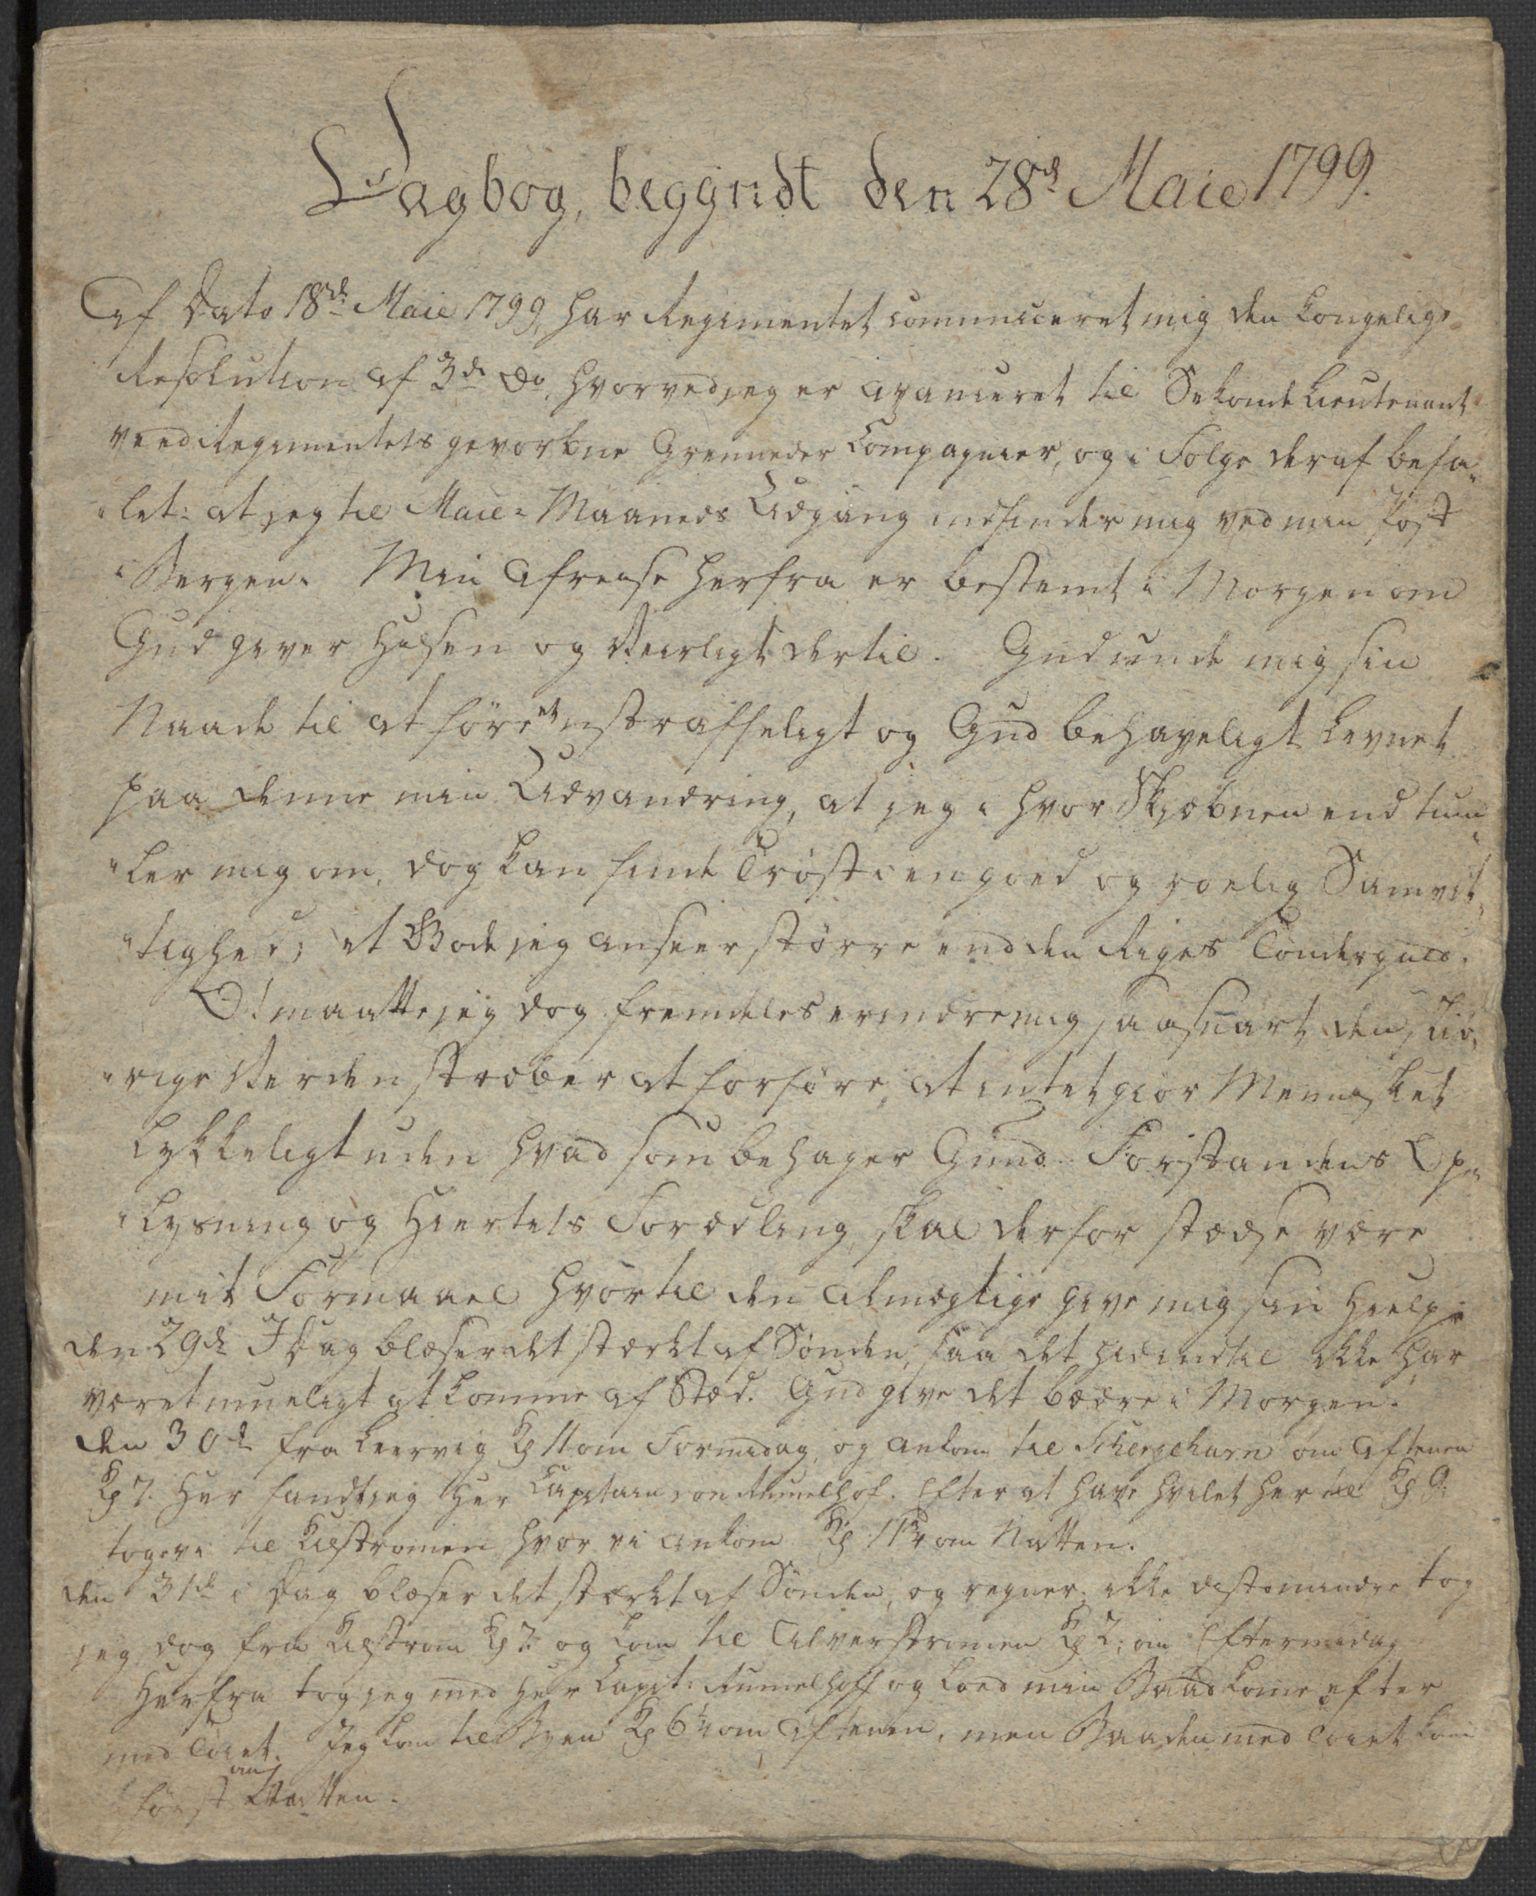 RA, Holck, Meidell, Hartvig, F/L0001: (Kassett) Dagbøker ført av Ole Elias v.Holck, 1798-1842, s. 42